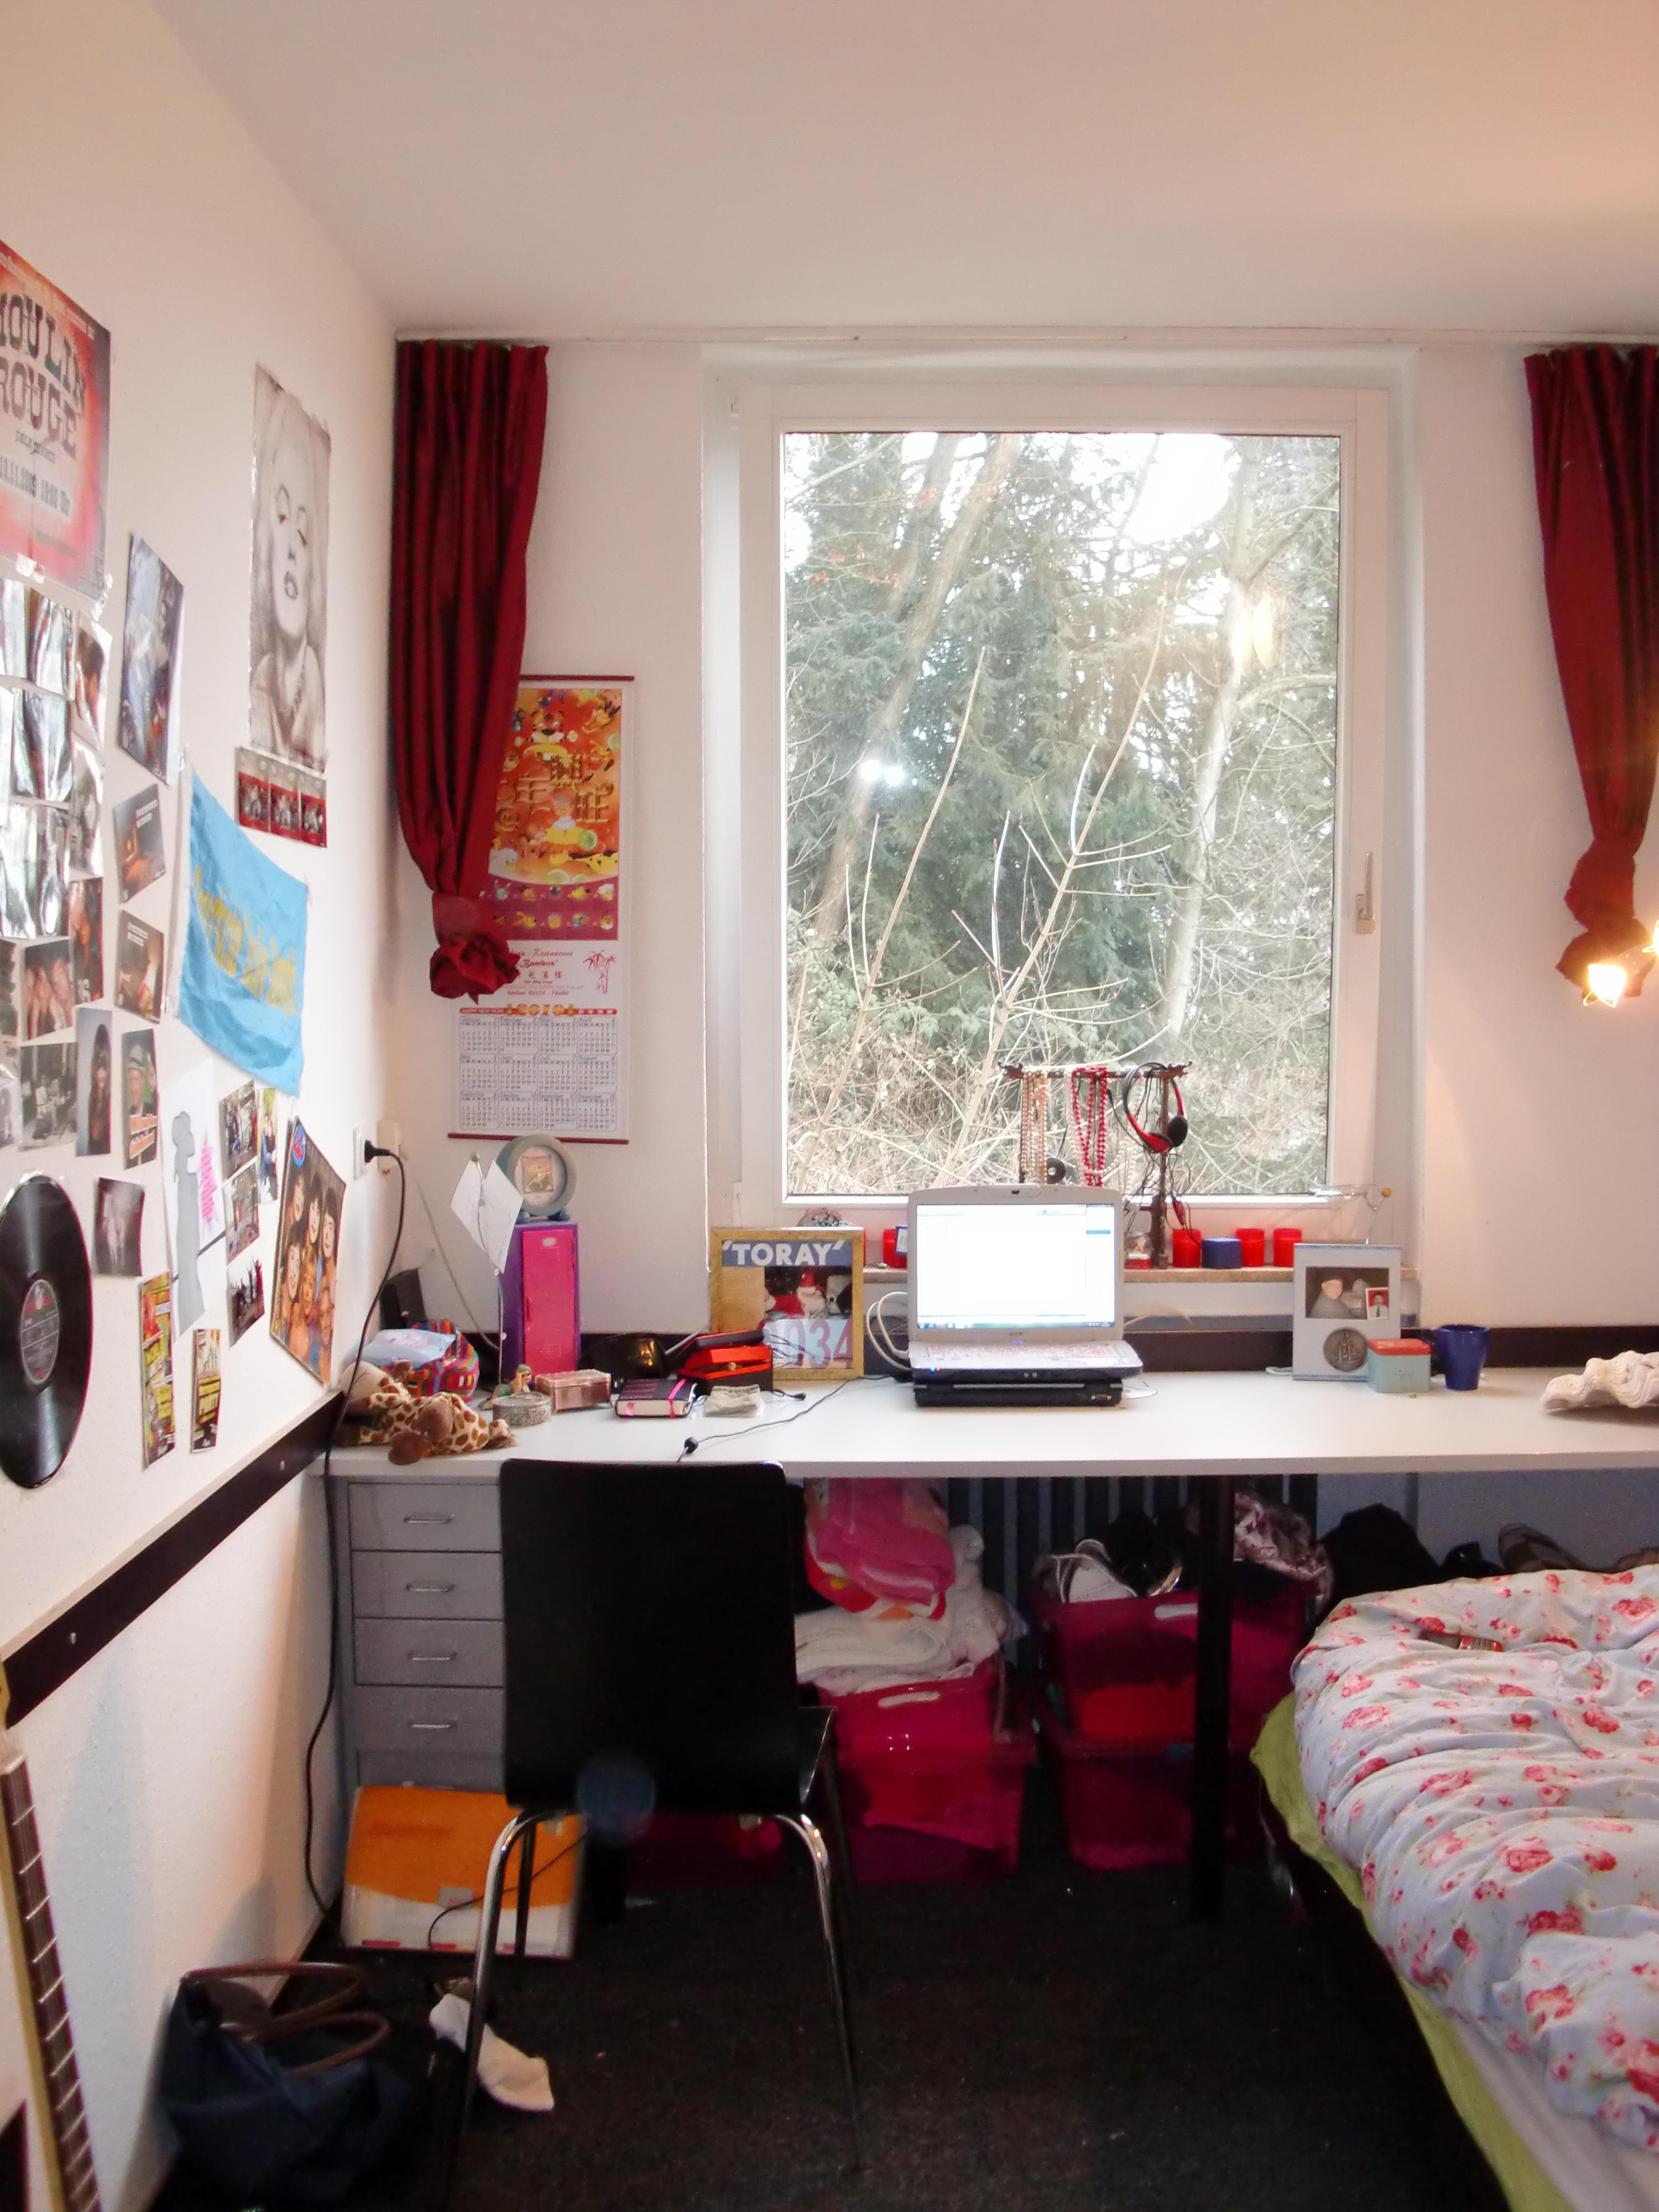 Studentenzimmer f r m dchen in bonn dottendorf for Studentenzimmer gestalten